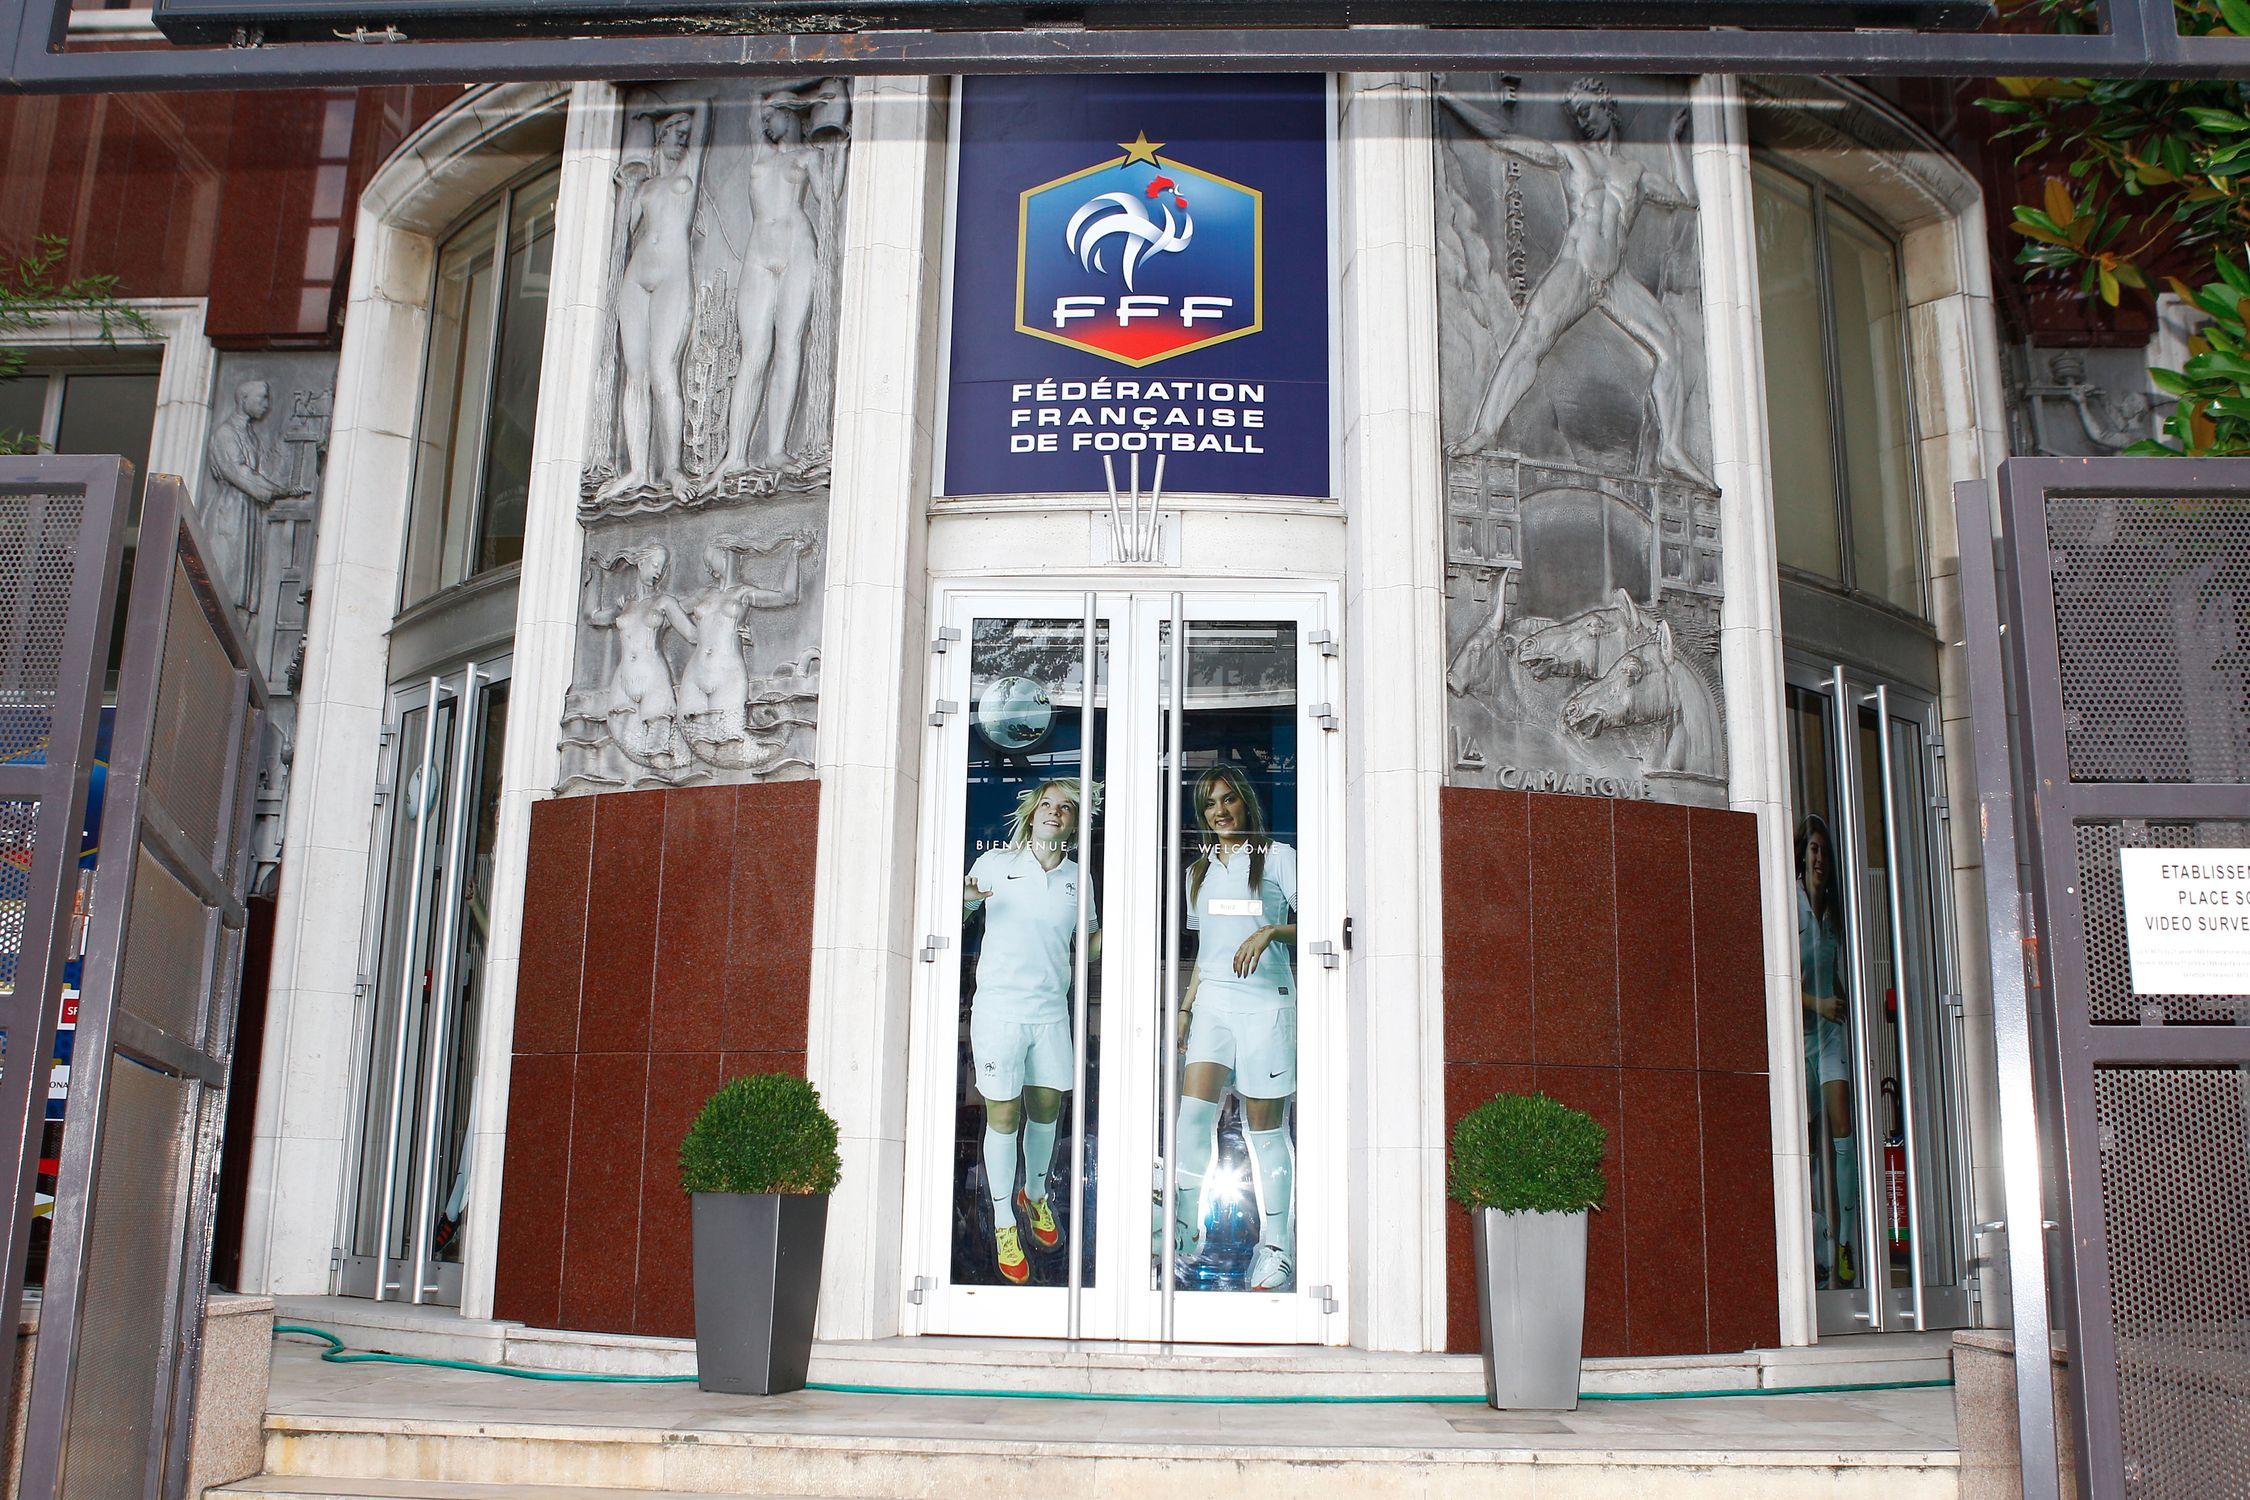 Football - Ligue 2 - Le CNOSF rejette la demande du Mans et d'Orléans